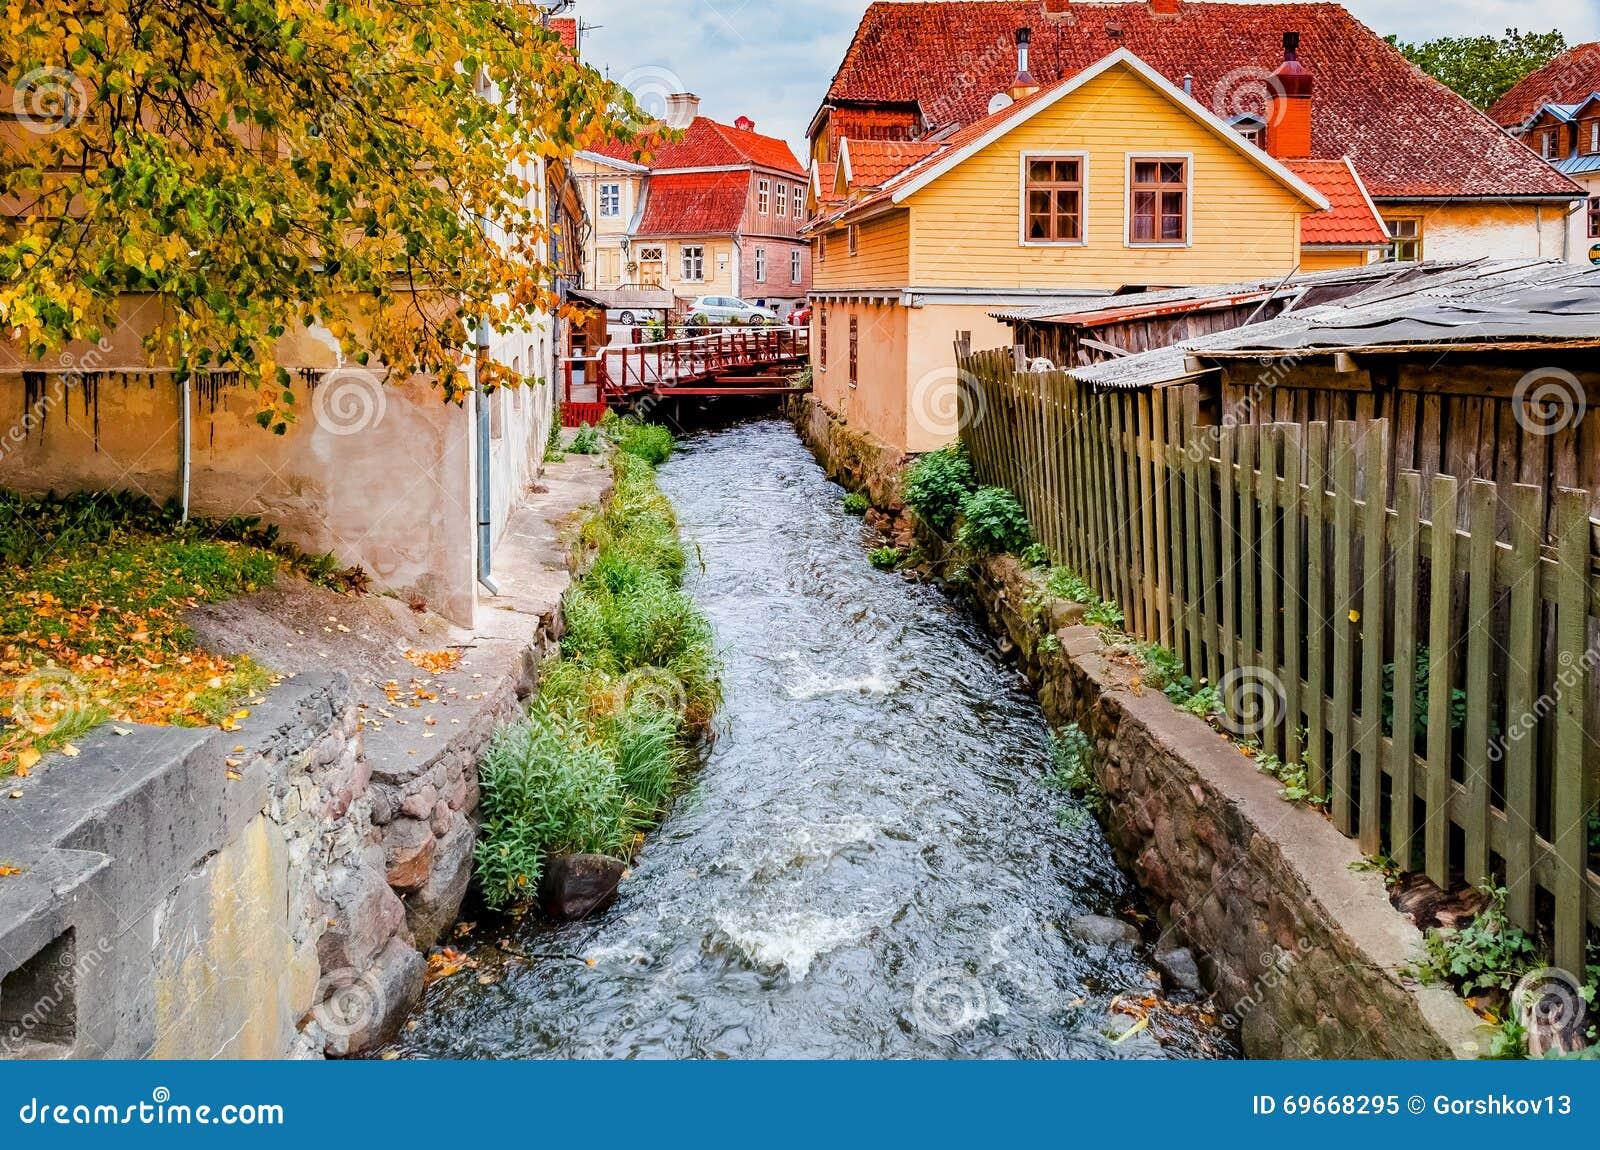 schneller bach in der mittelalterlichen stadt europa stockfoto bild 69668295. Black Bedroom Furniture Sets. Home Design Ideas